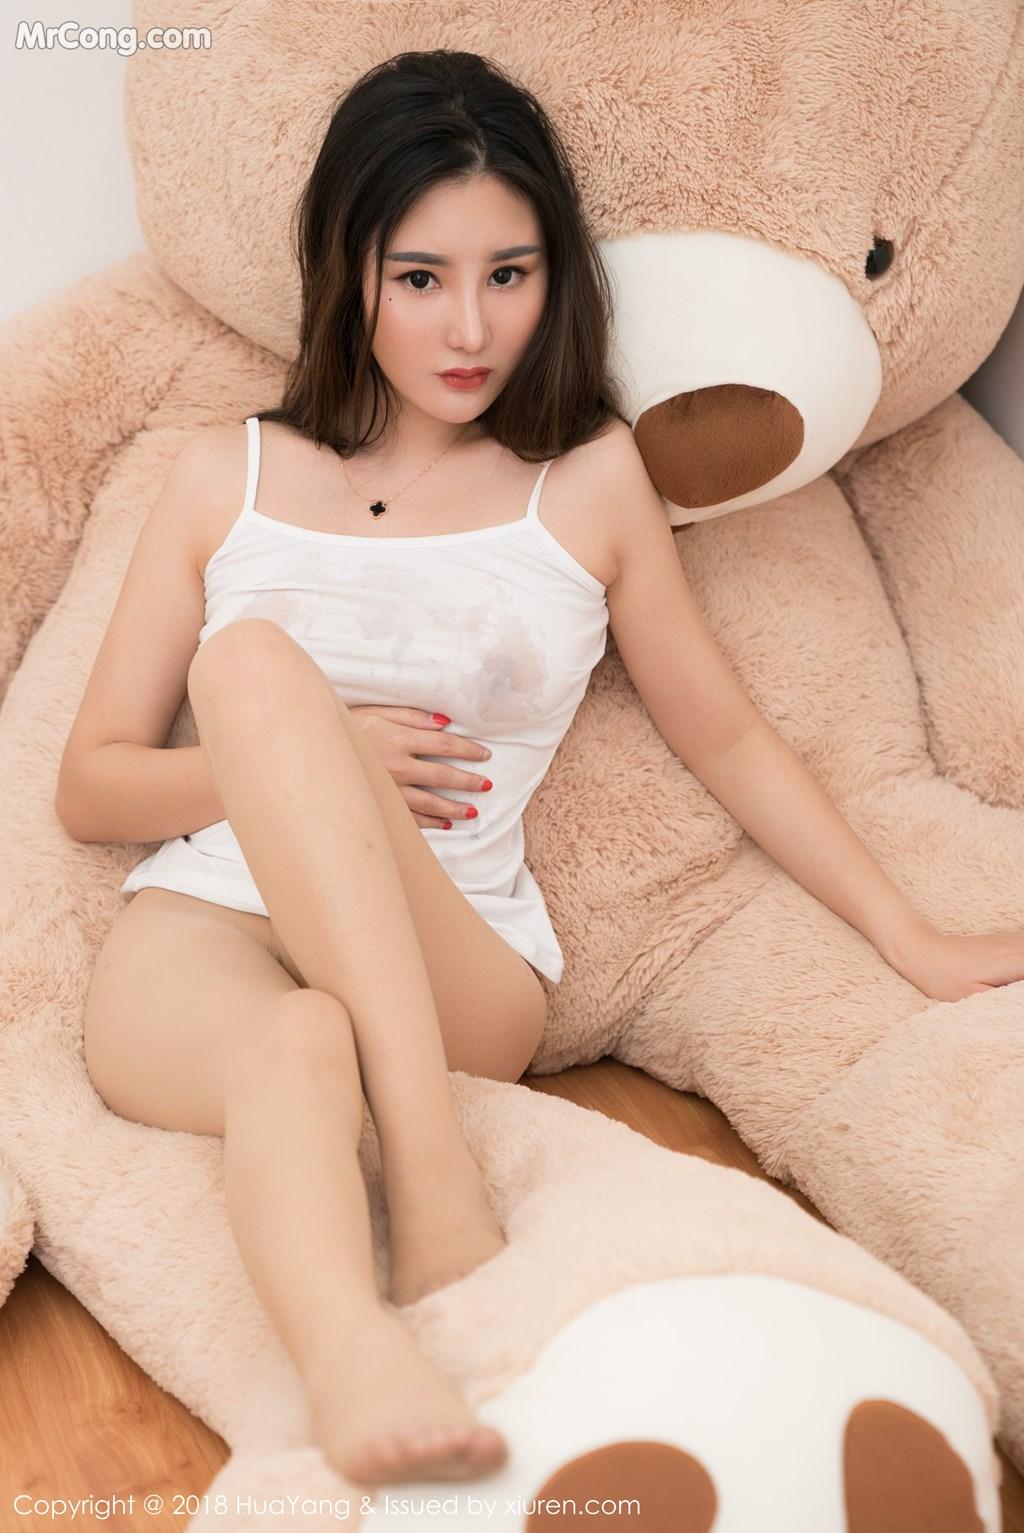 Image HuaYang-2018-03-02-Vol.034-Xiao-Tian-Xin-Candy-MrCong.com-026 in post HuaYang 2018-03-02 Vol.034: Người mẫu Xiao Tian Xin (小甜心Candy) (41 ảnh)